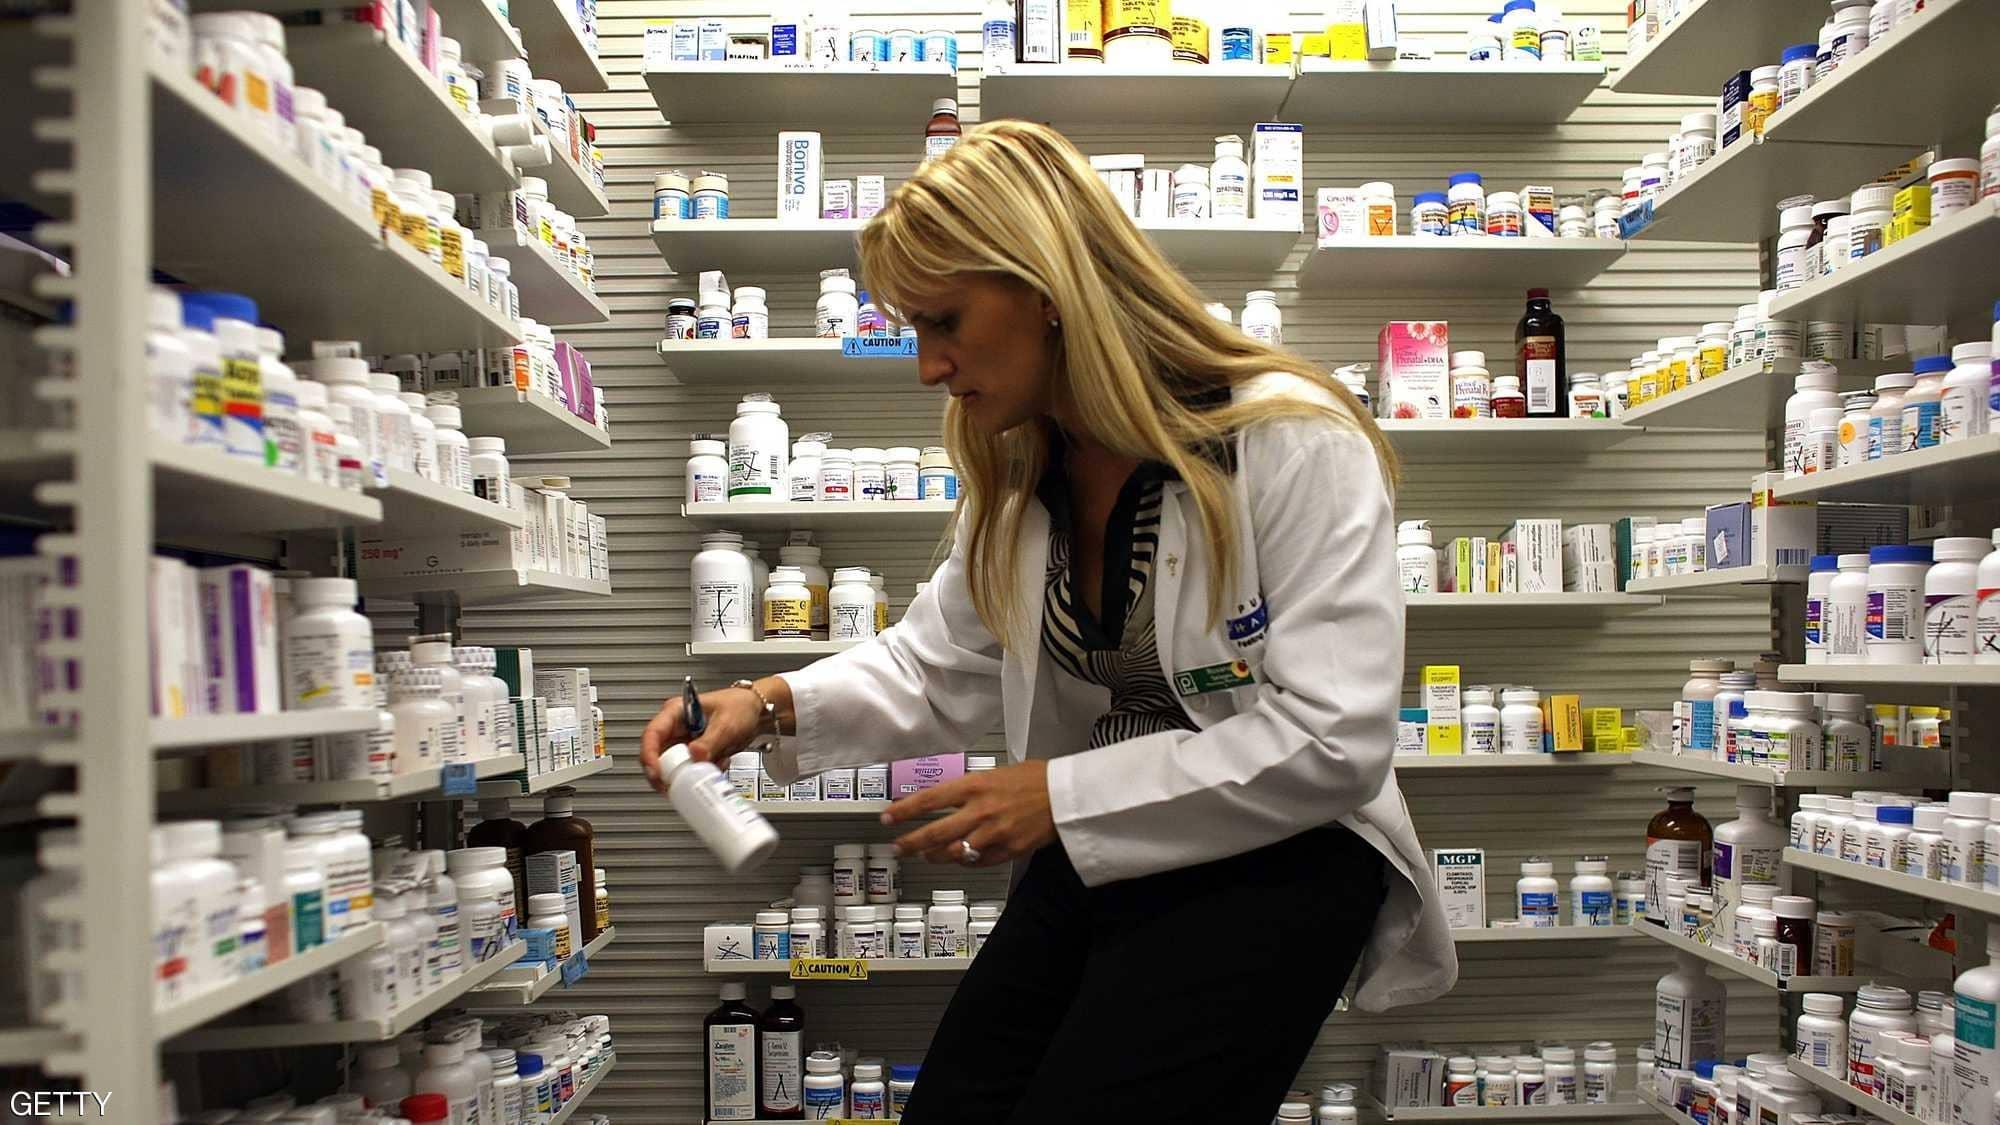 صورة صحة: خرافات ومعلومات غير صحيحة عن المضادات الحيوية